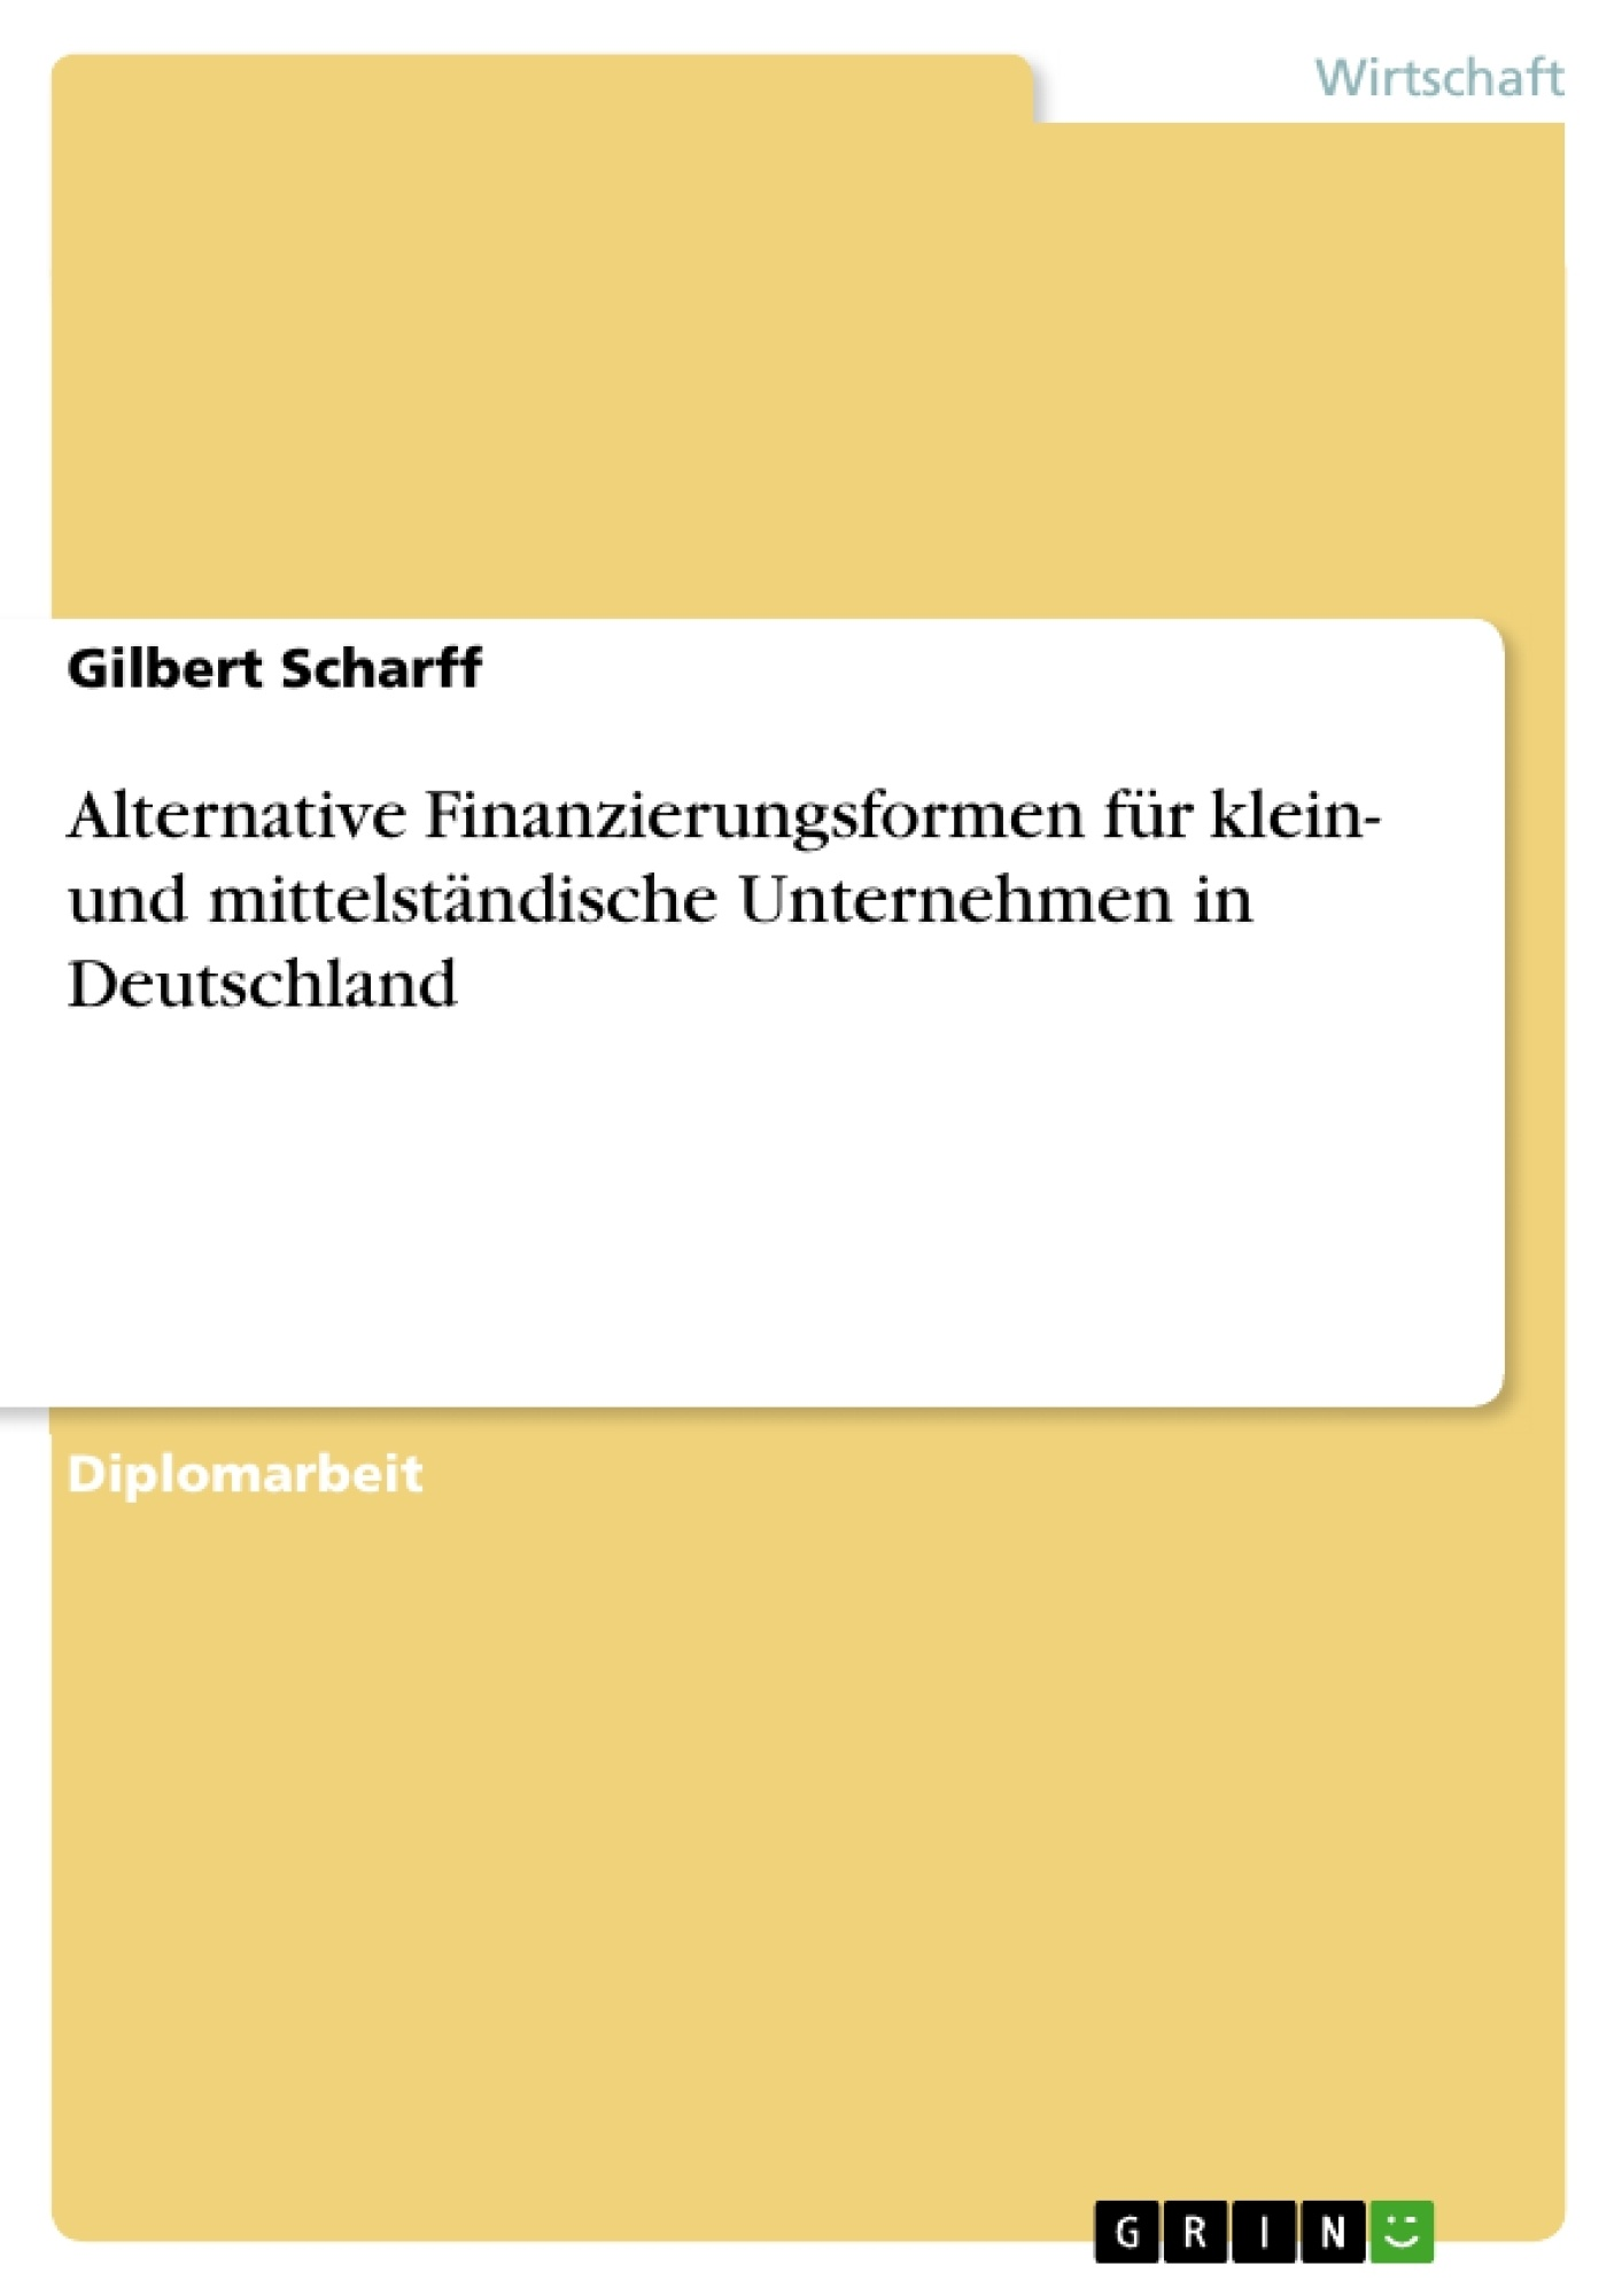 Titel: Alternative Finanzierungsformen für klein- und mittelständische Unternehmen in Deutschland